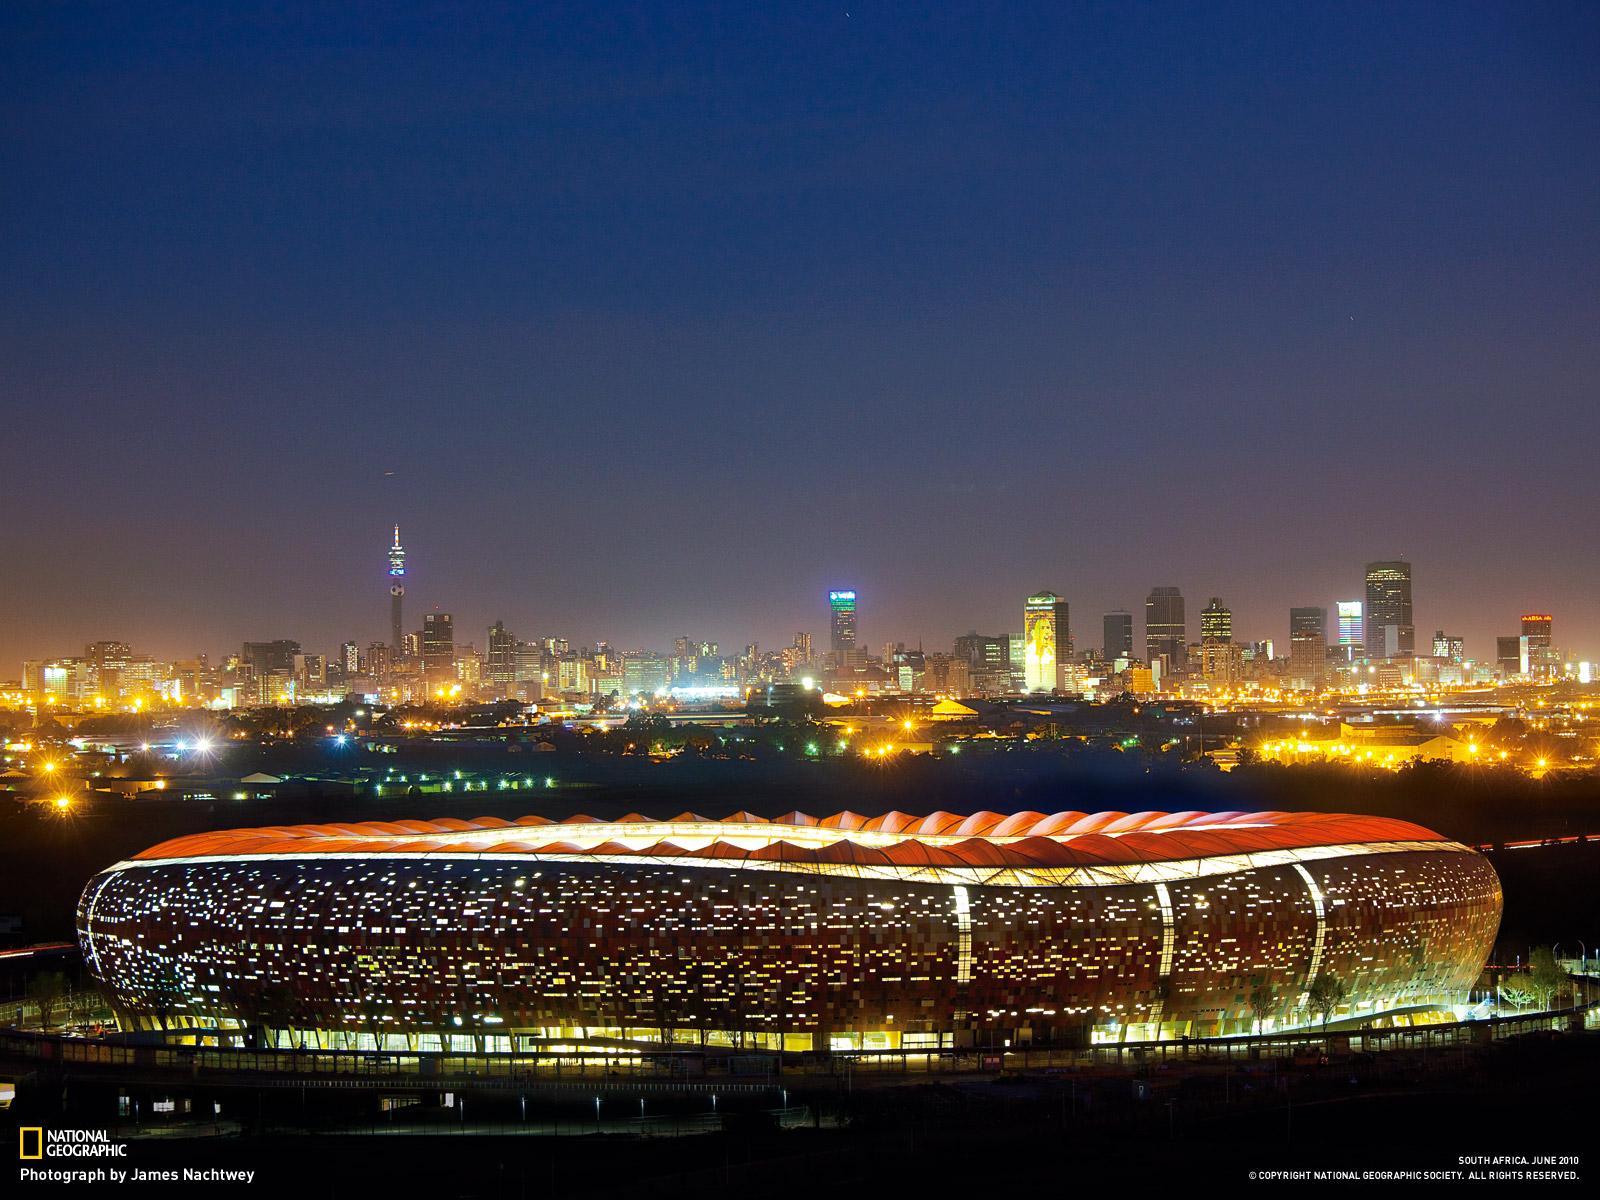 Las Mejores Imagenes De Futbol Del Mundo - Mejores Estadios Del Mundo Imagenes De Futbol Y Frases